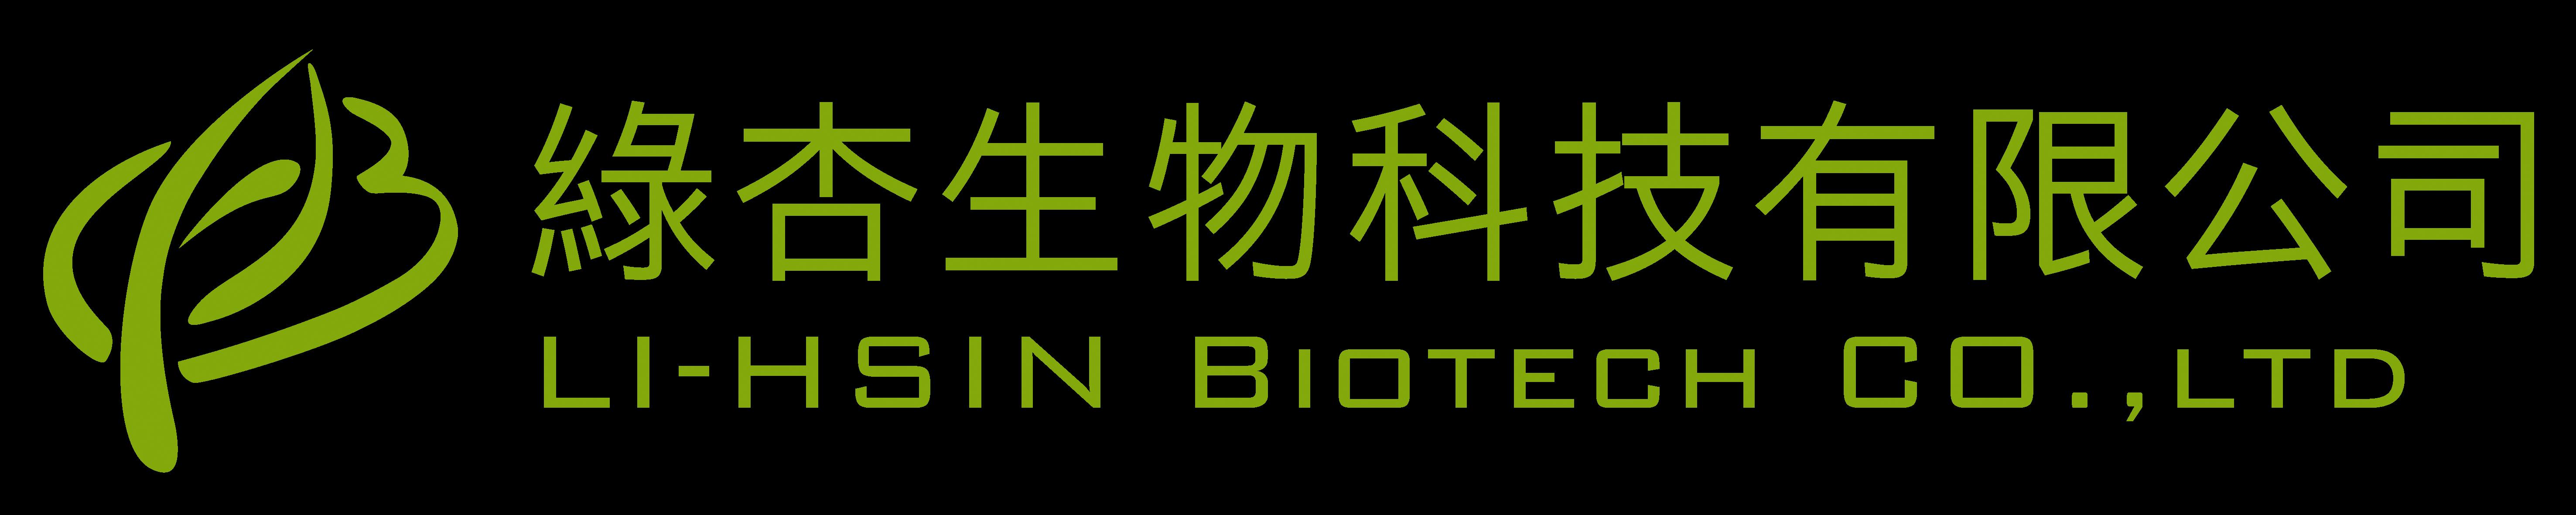 綠杏生物科技有限公司 LI-HSIN BIOTECH CO., LTD.